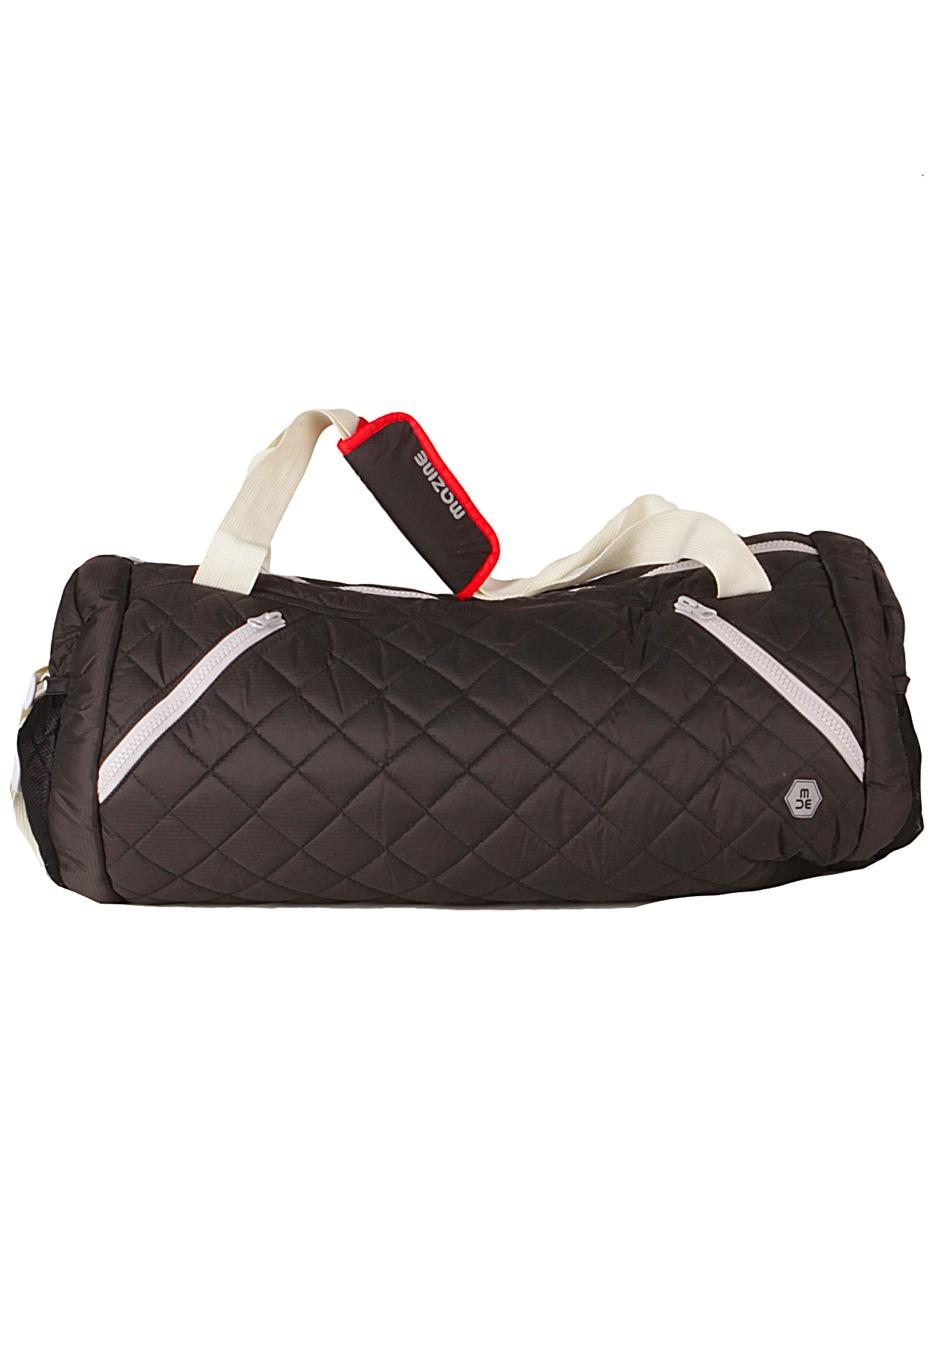 Mazine - Daffel Light Black - Bag - Streetwear Shop - Impericon.com  Worldwide 1dbd4bd806758